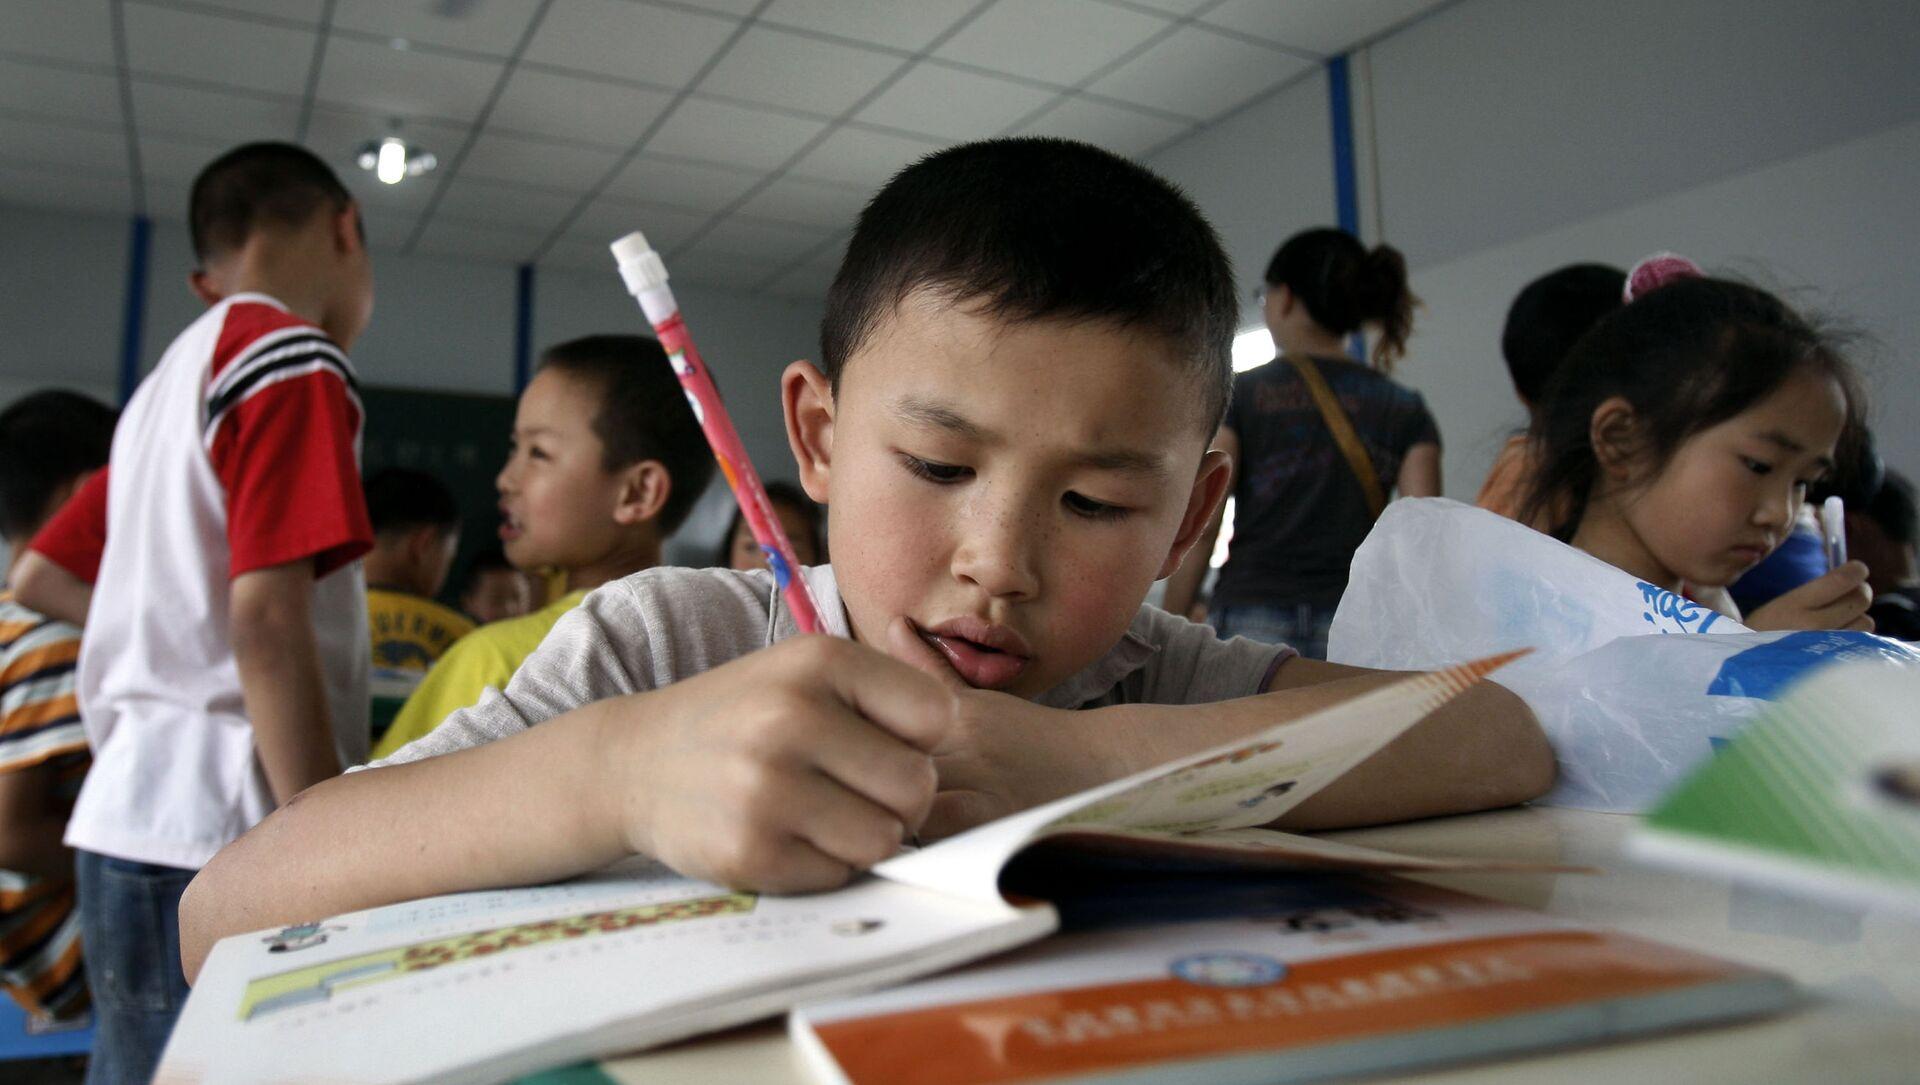 中国の子供たち - Sputnik 日本, 1920, 04.06.2021